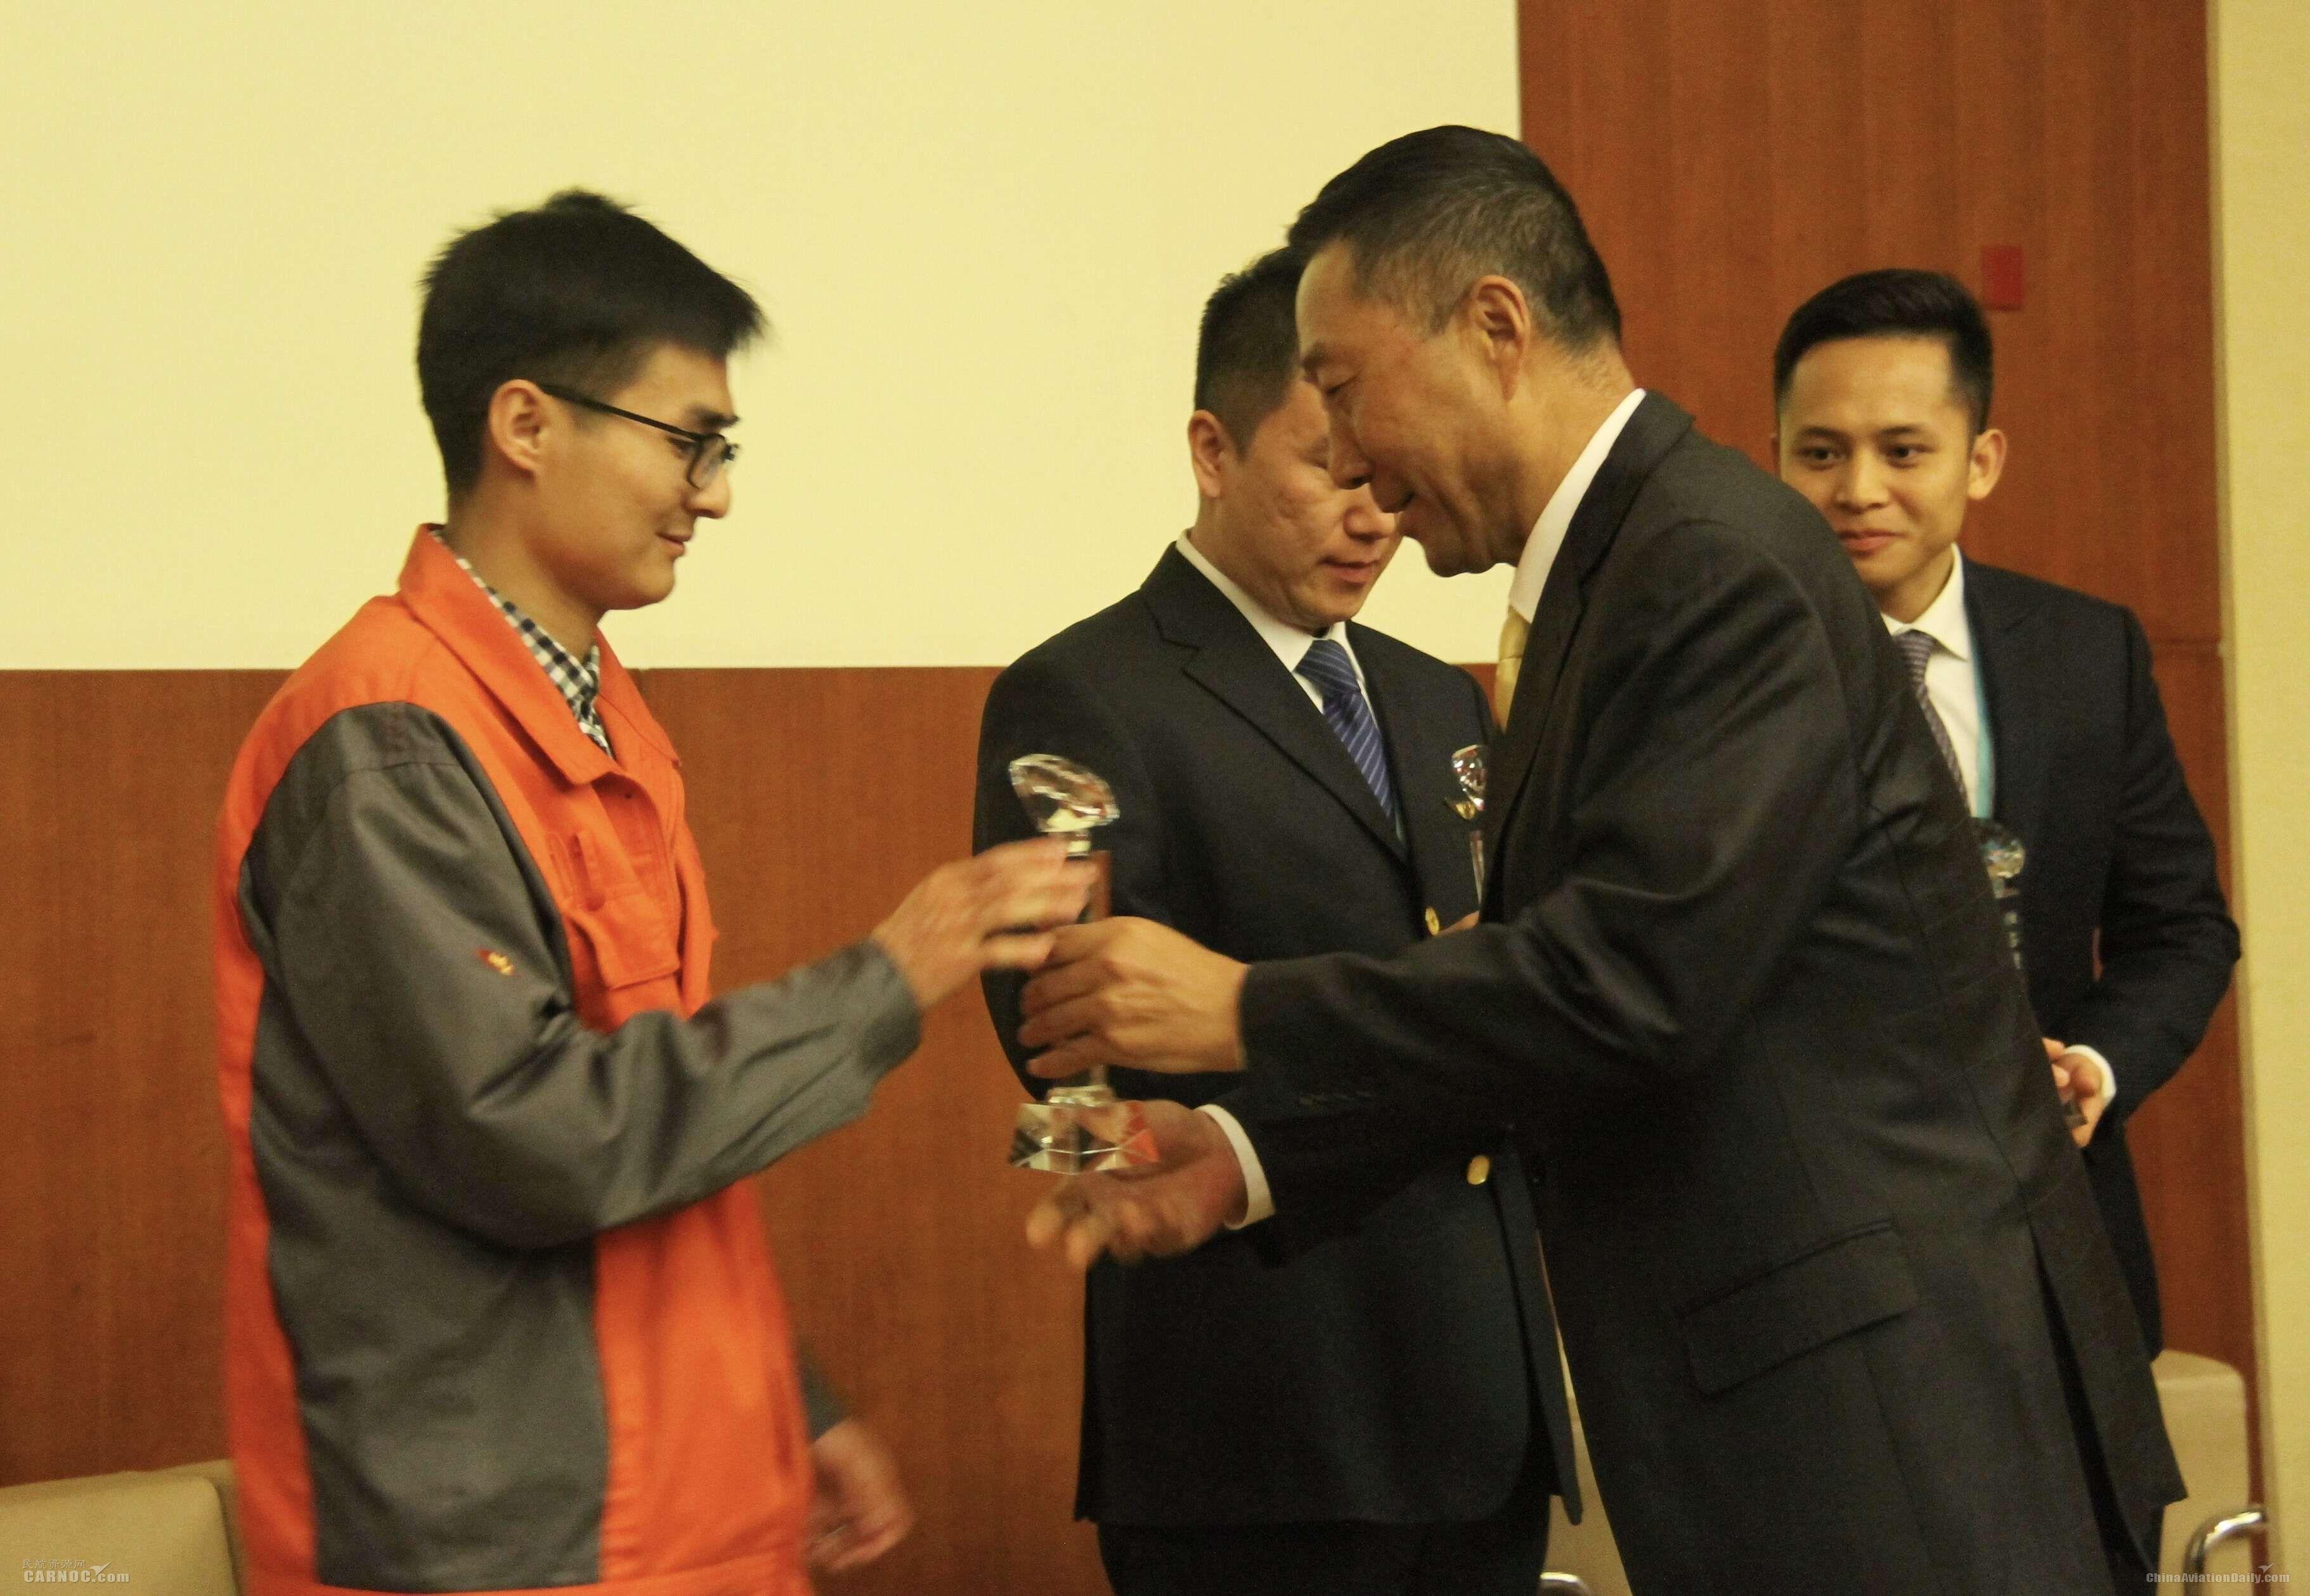 海航集团航空安全管理委员会主任牟伟刚为获奖选手颁奖     海航供图